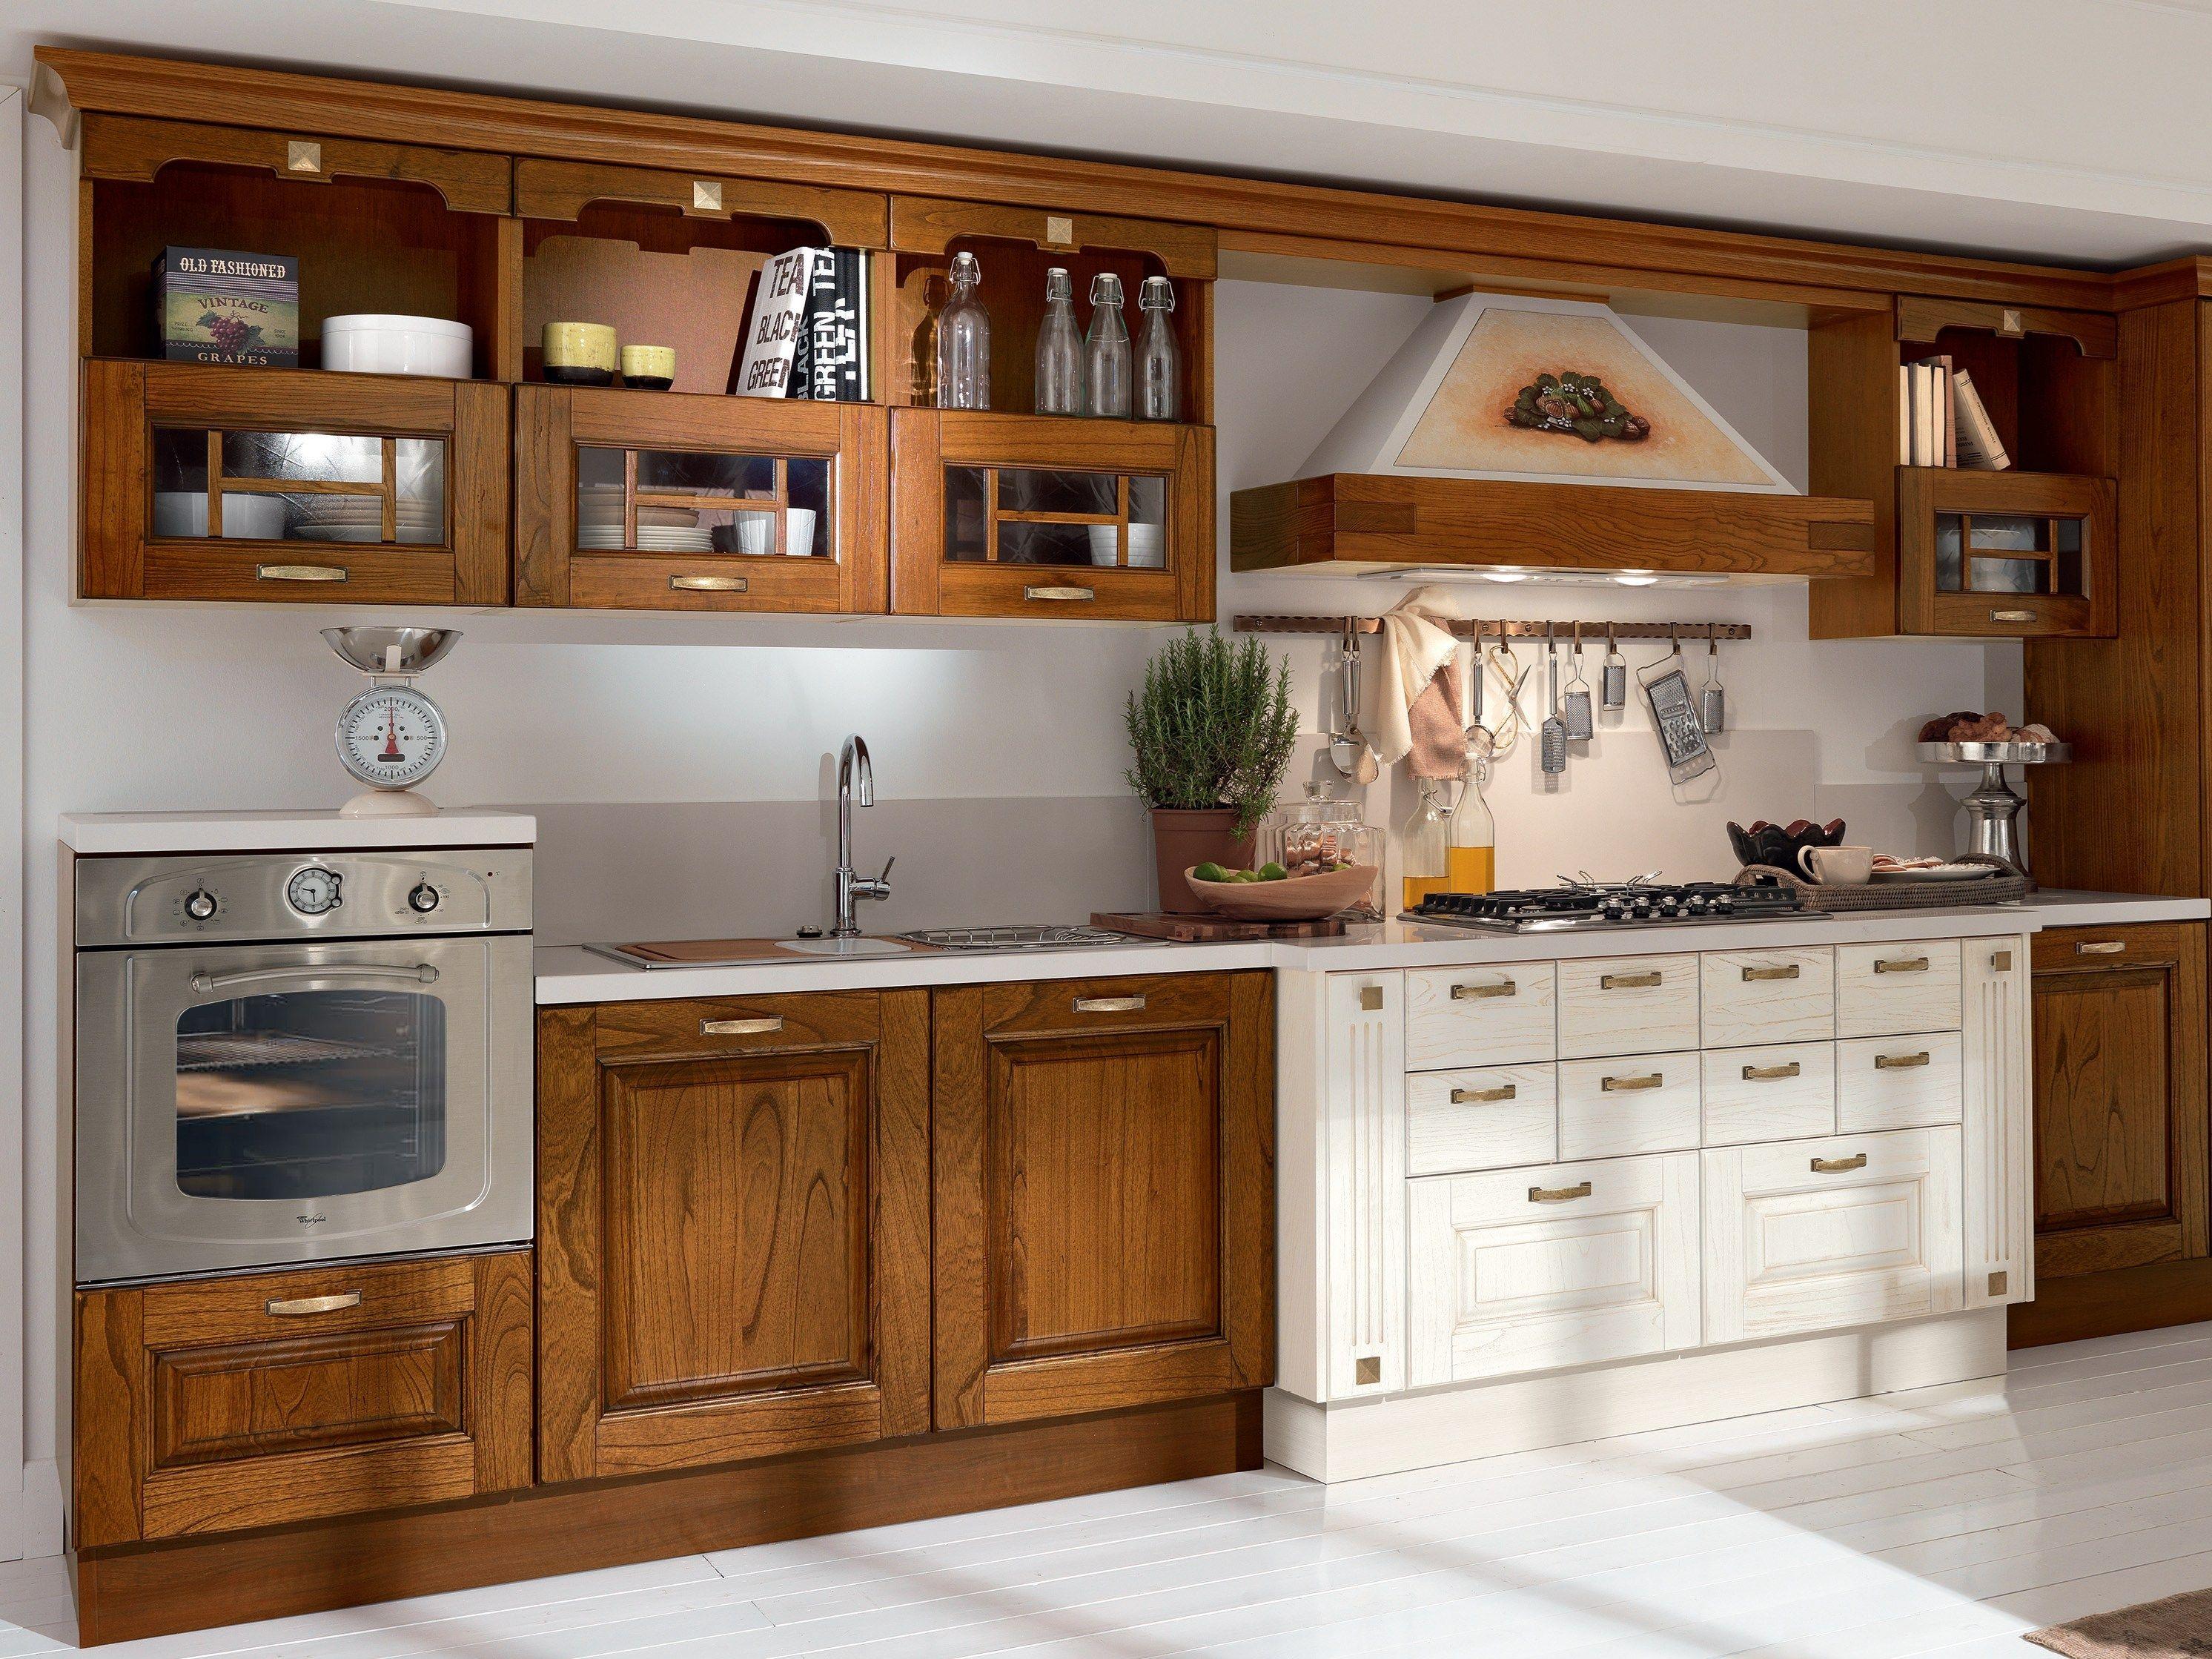 Laura cocina de madera by cucine lube - Fotos de cocinas de madera ...